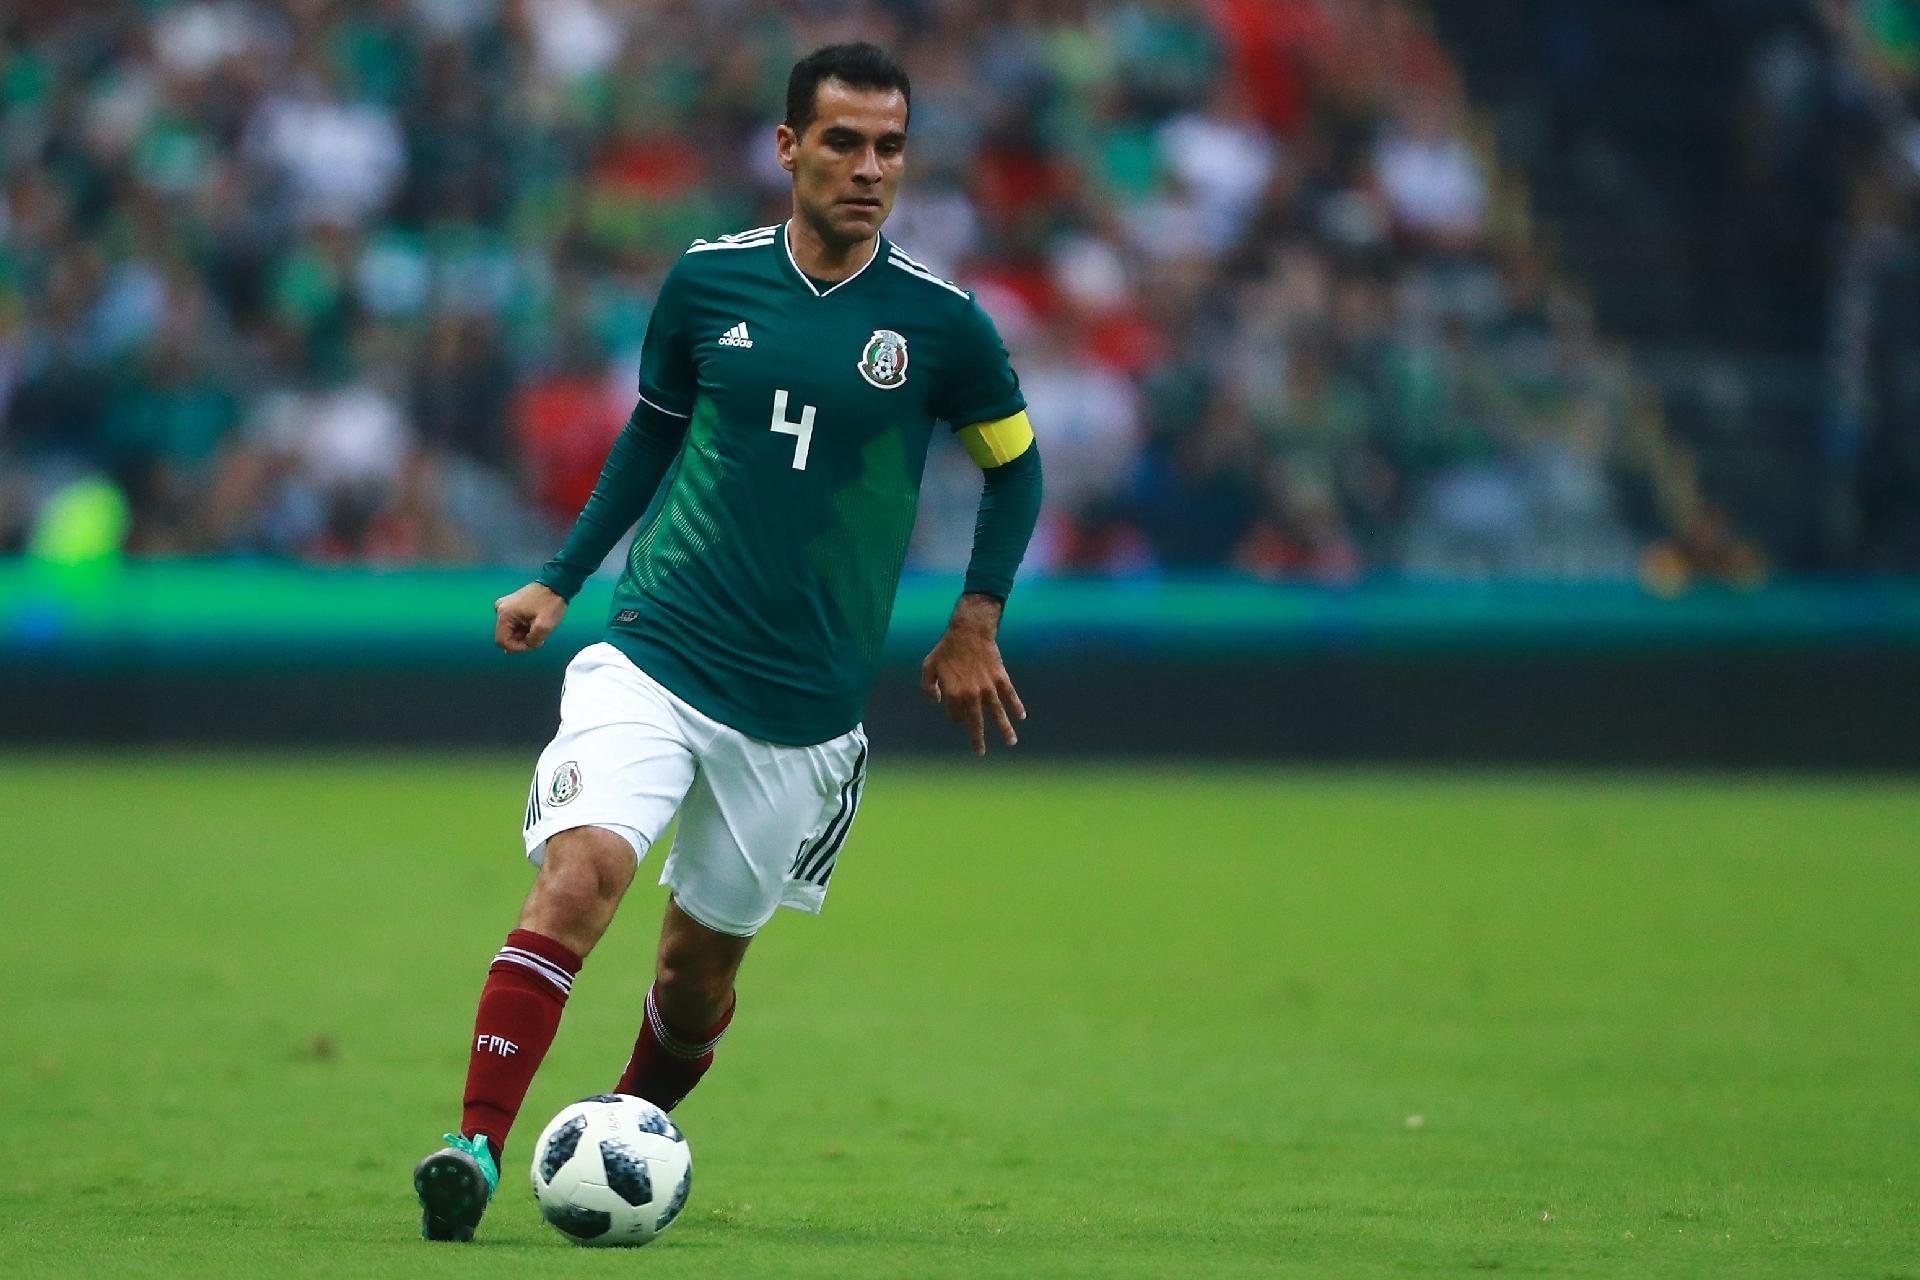 Mexicano que jogou contra o Brasil teria ligação com o narcotráfico? Saiba a verdade